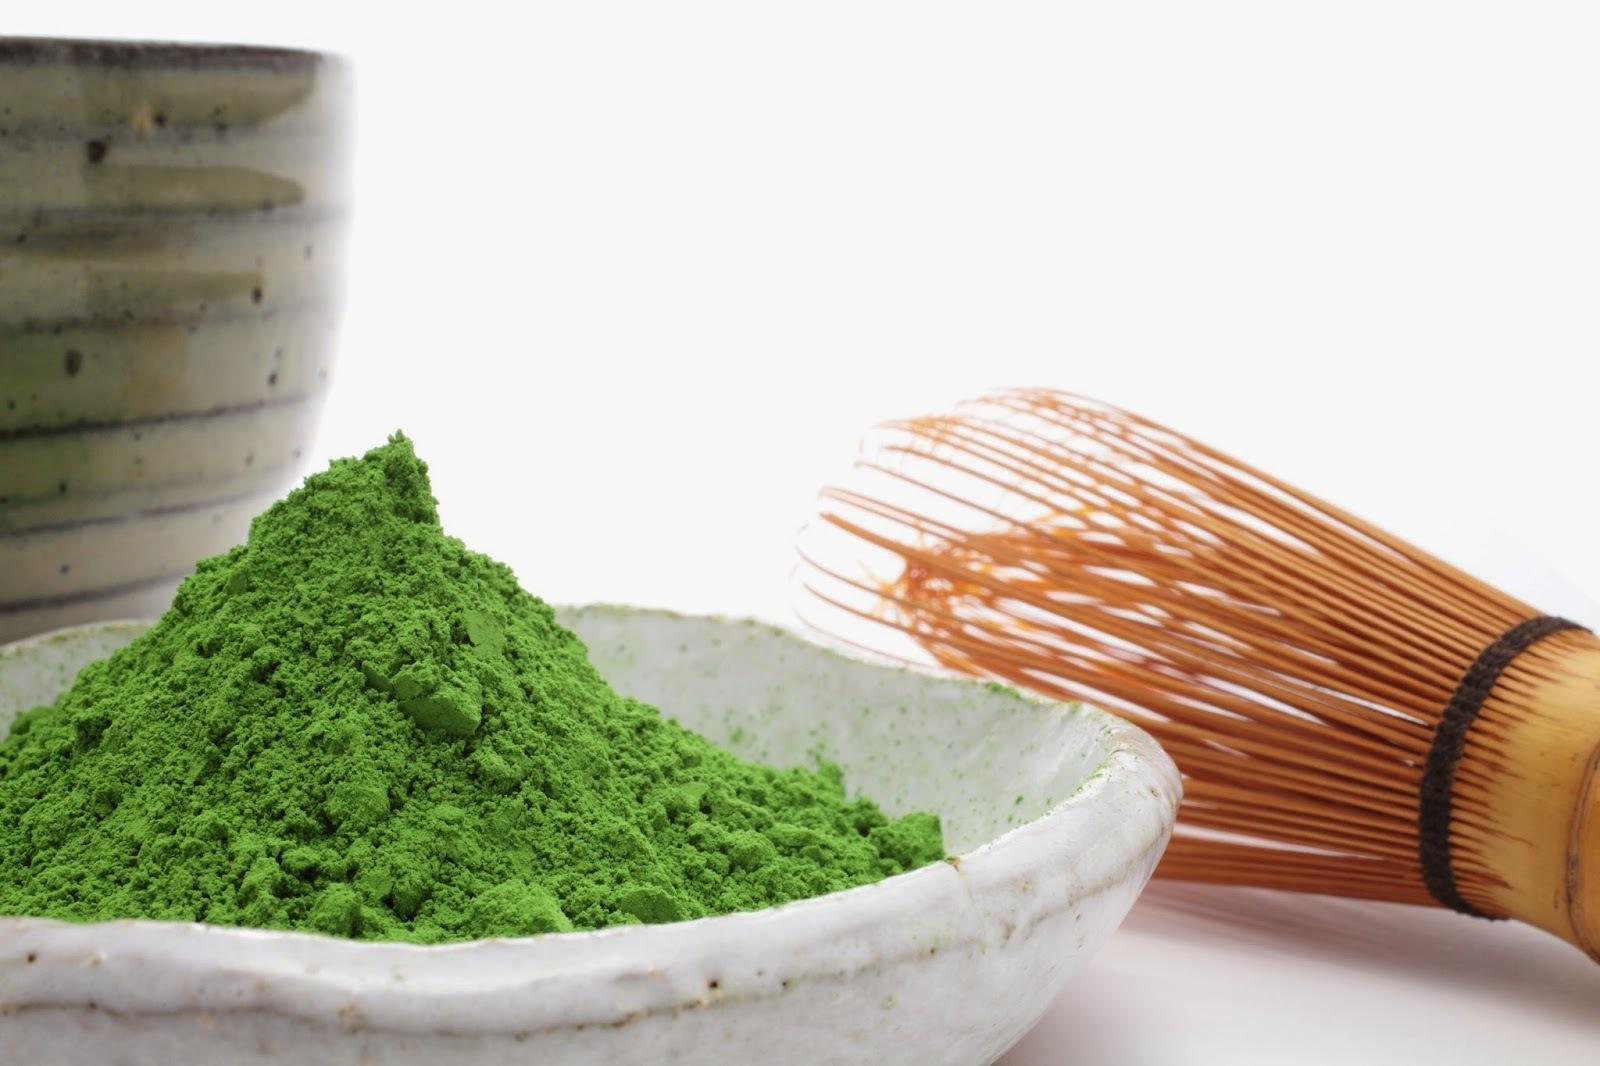 Benefícios do Chá Matcha: O Chá Verde Concentrado